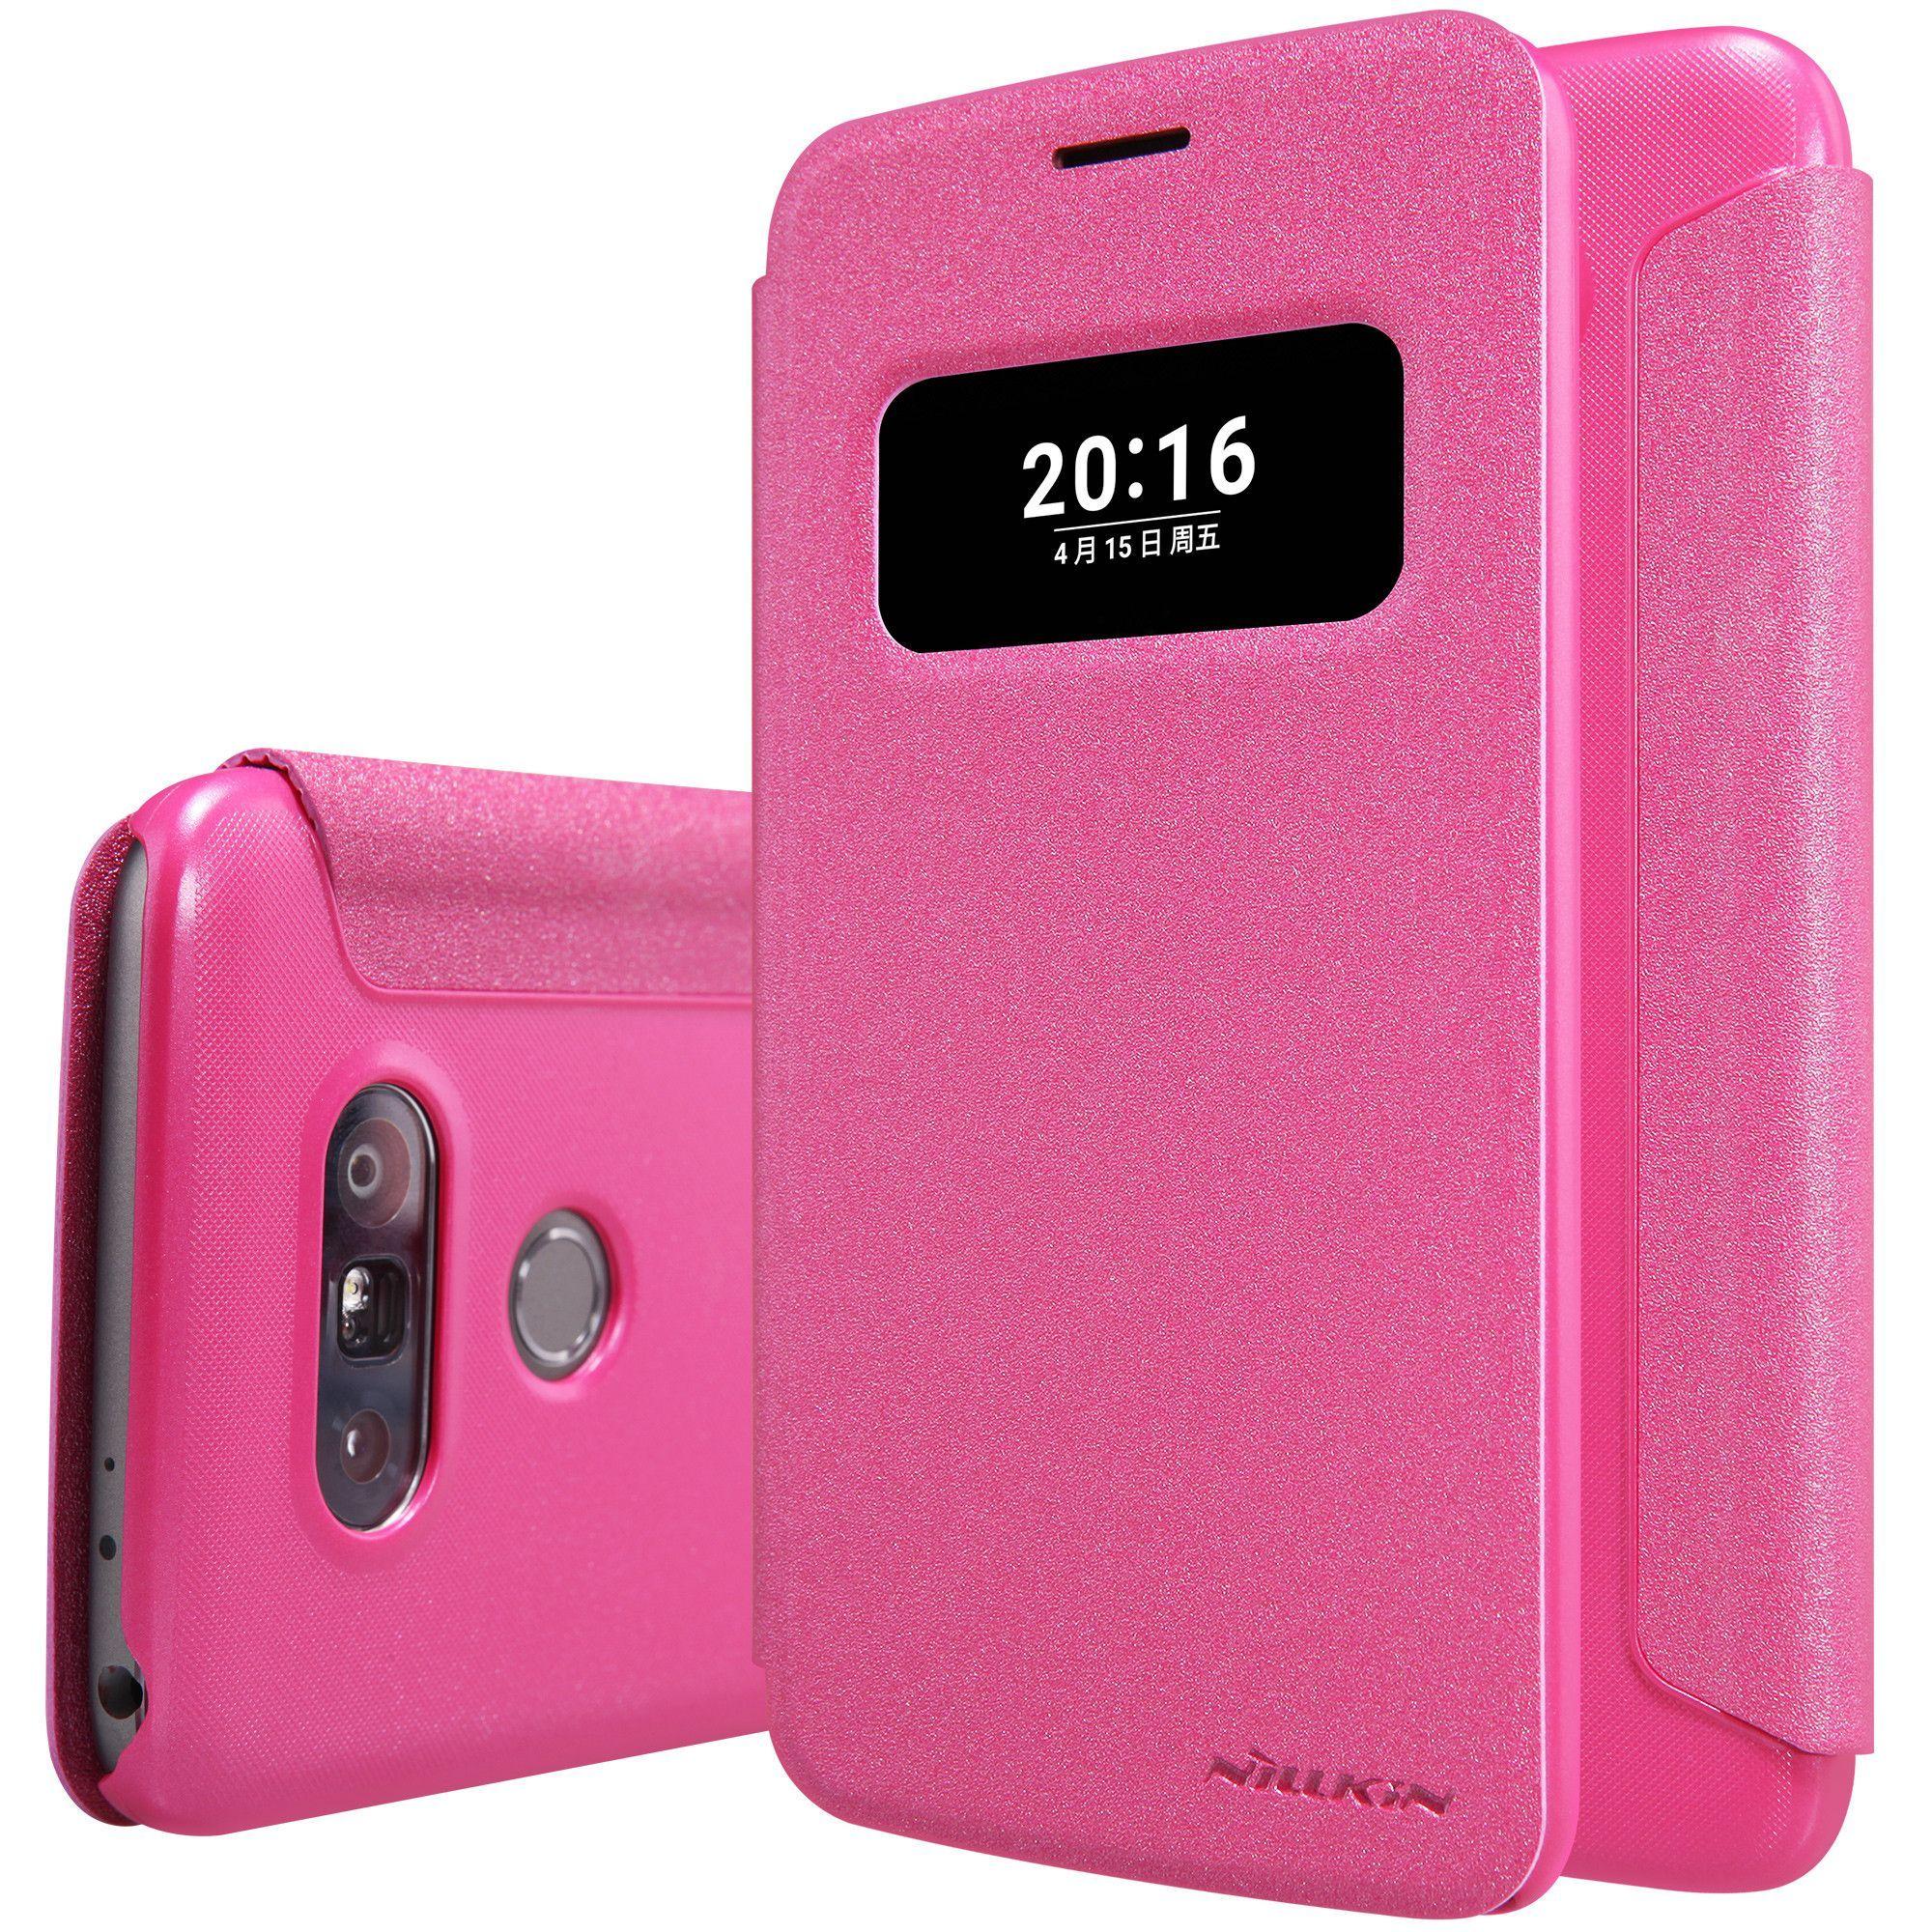 Nillkin Flip Cover For LG G5